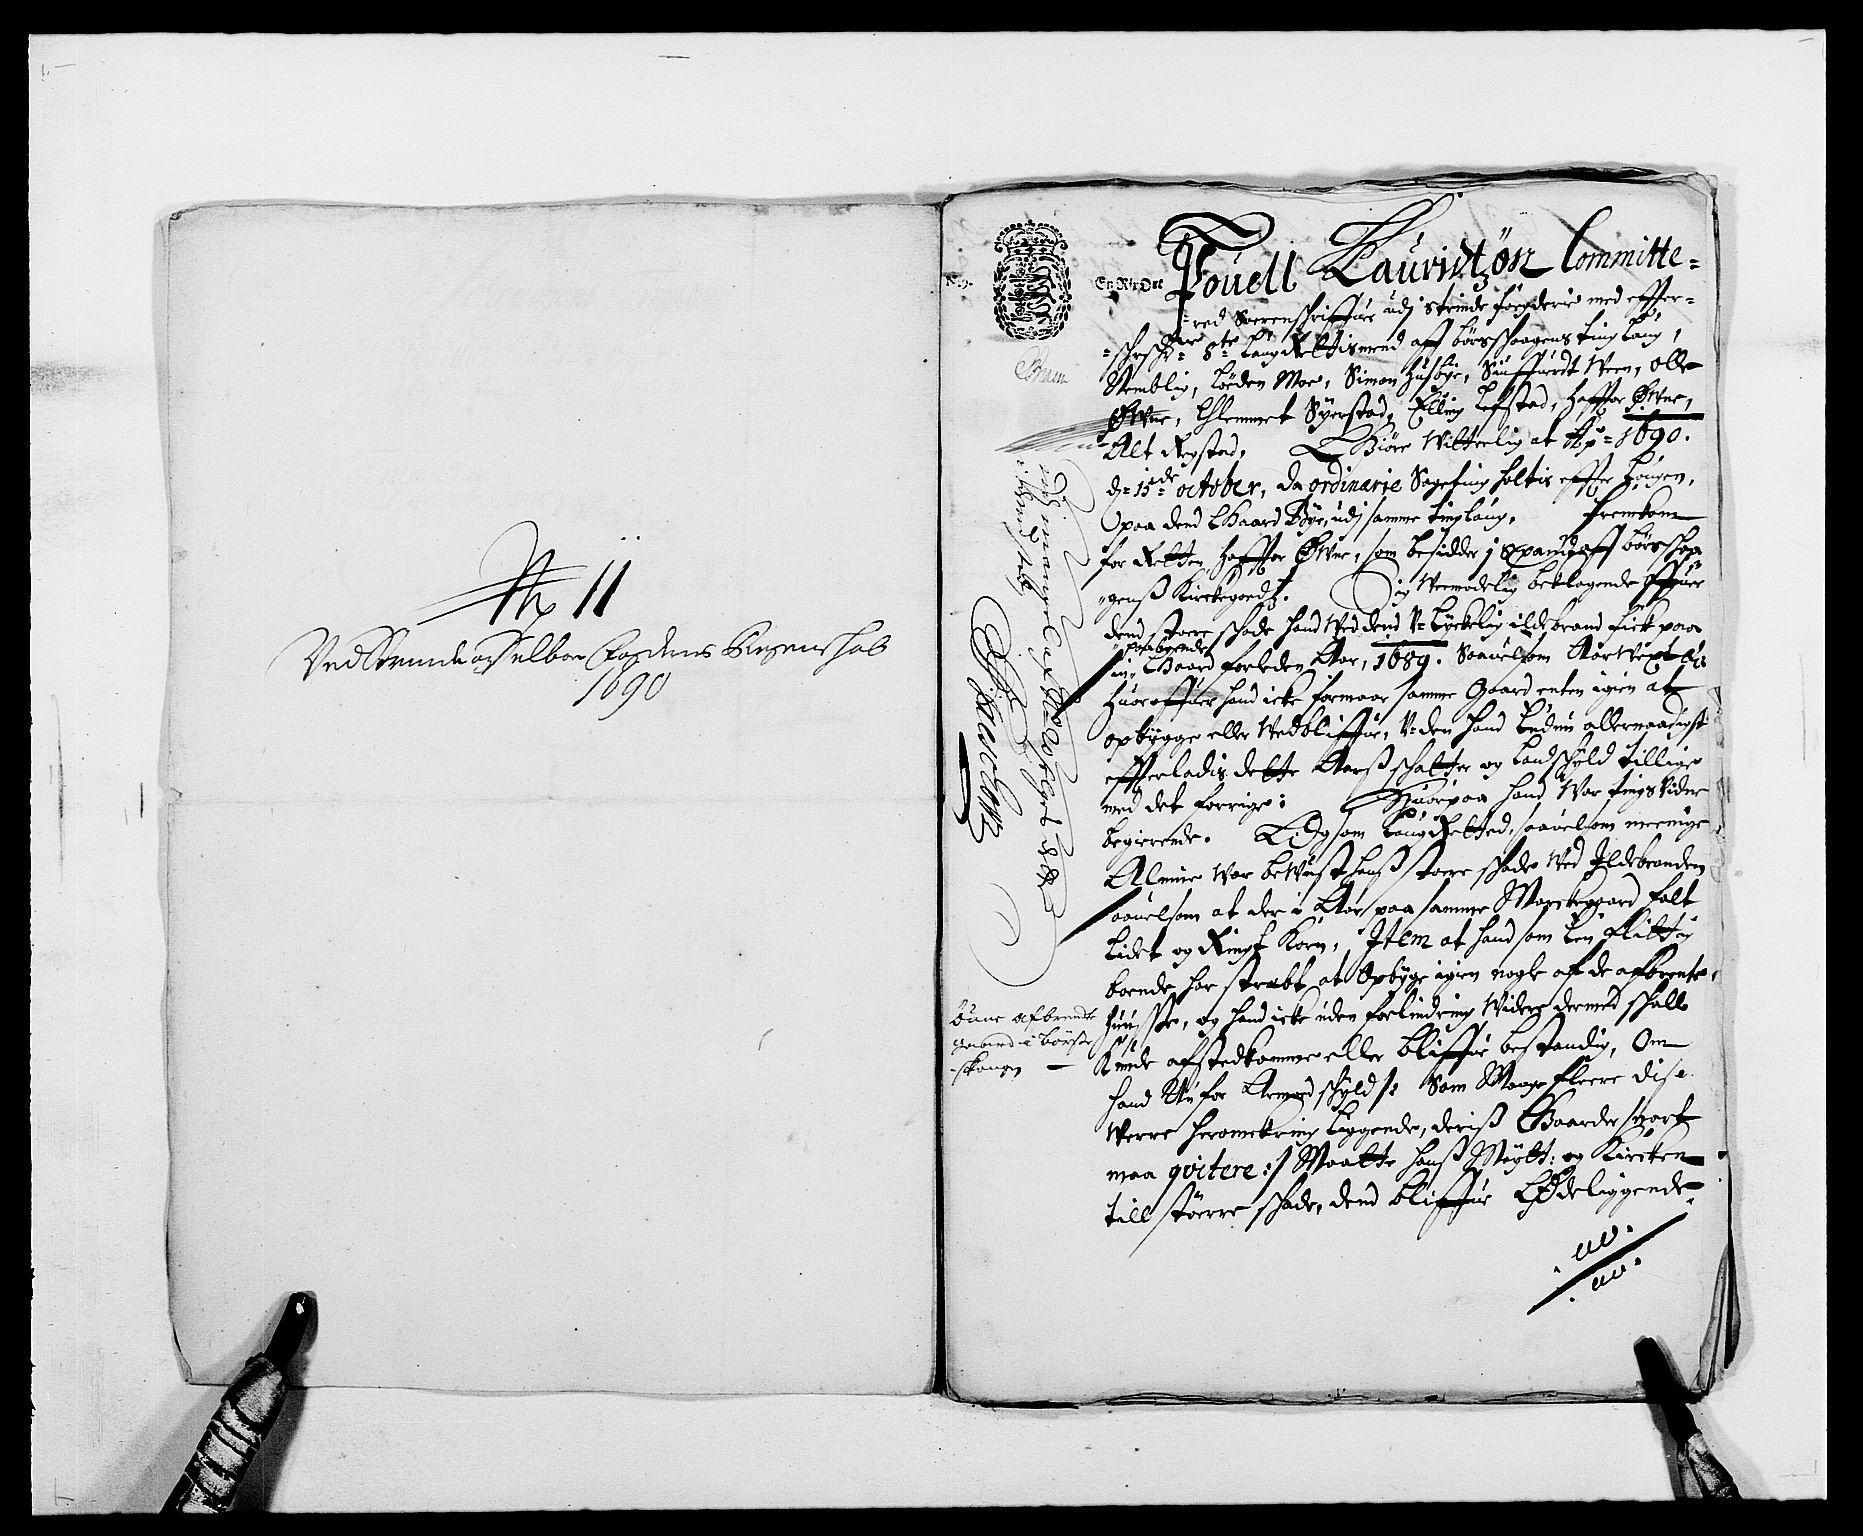 RA, Rentekammeret inntil 1814, Reviderte regnskaper, Fogderegnskap, R61/L4102: Fogderegnskap Strinda og Selbu, 1689-1690, s. 281